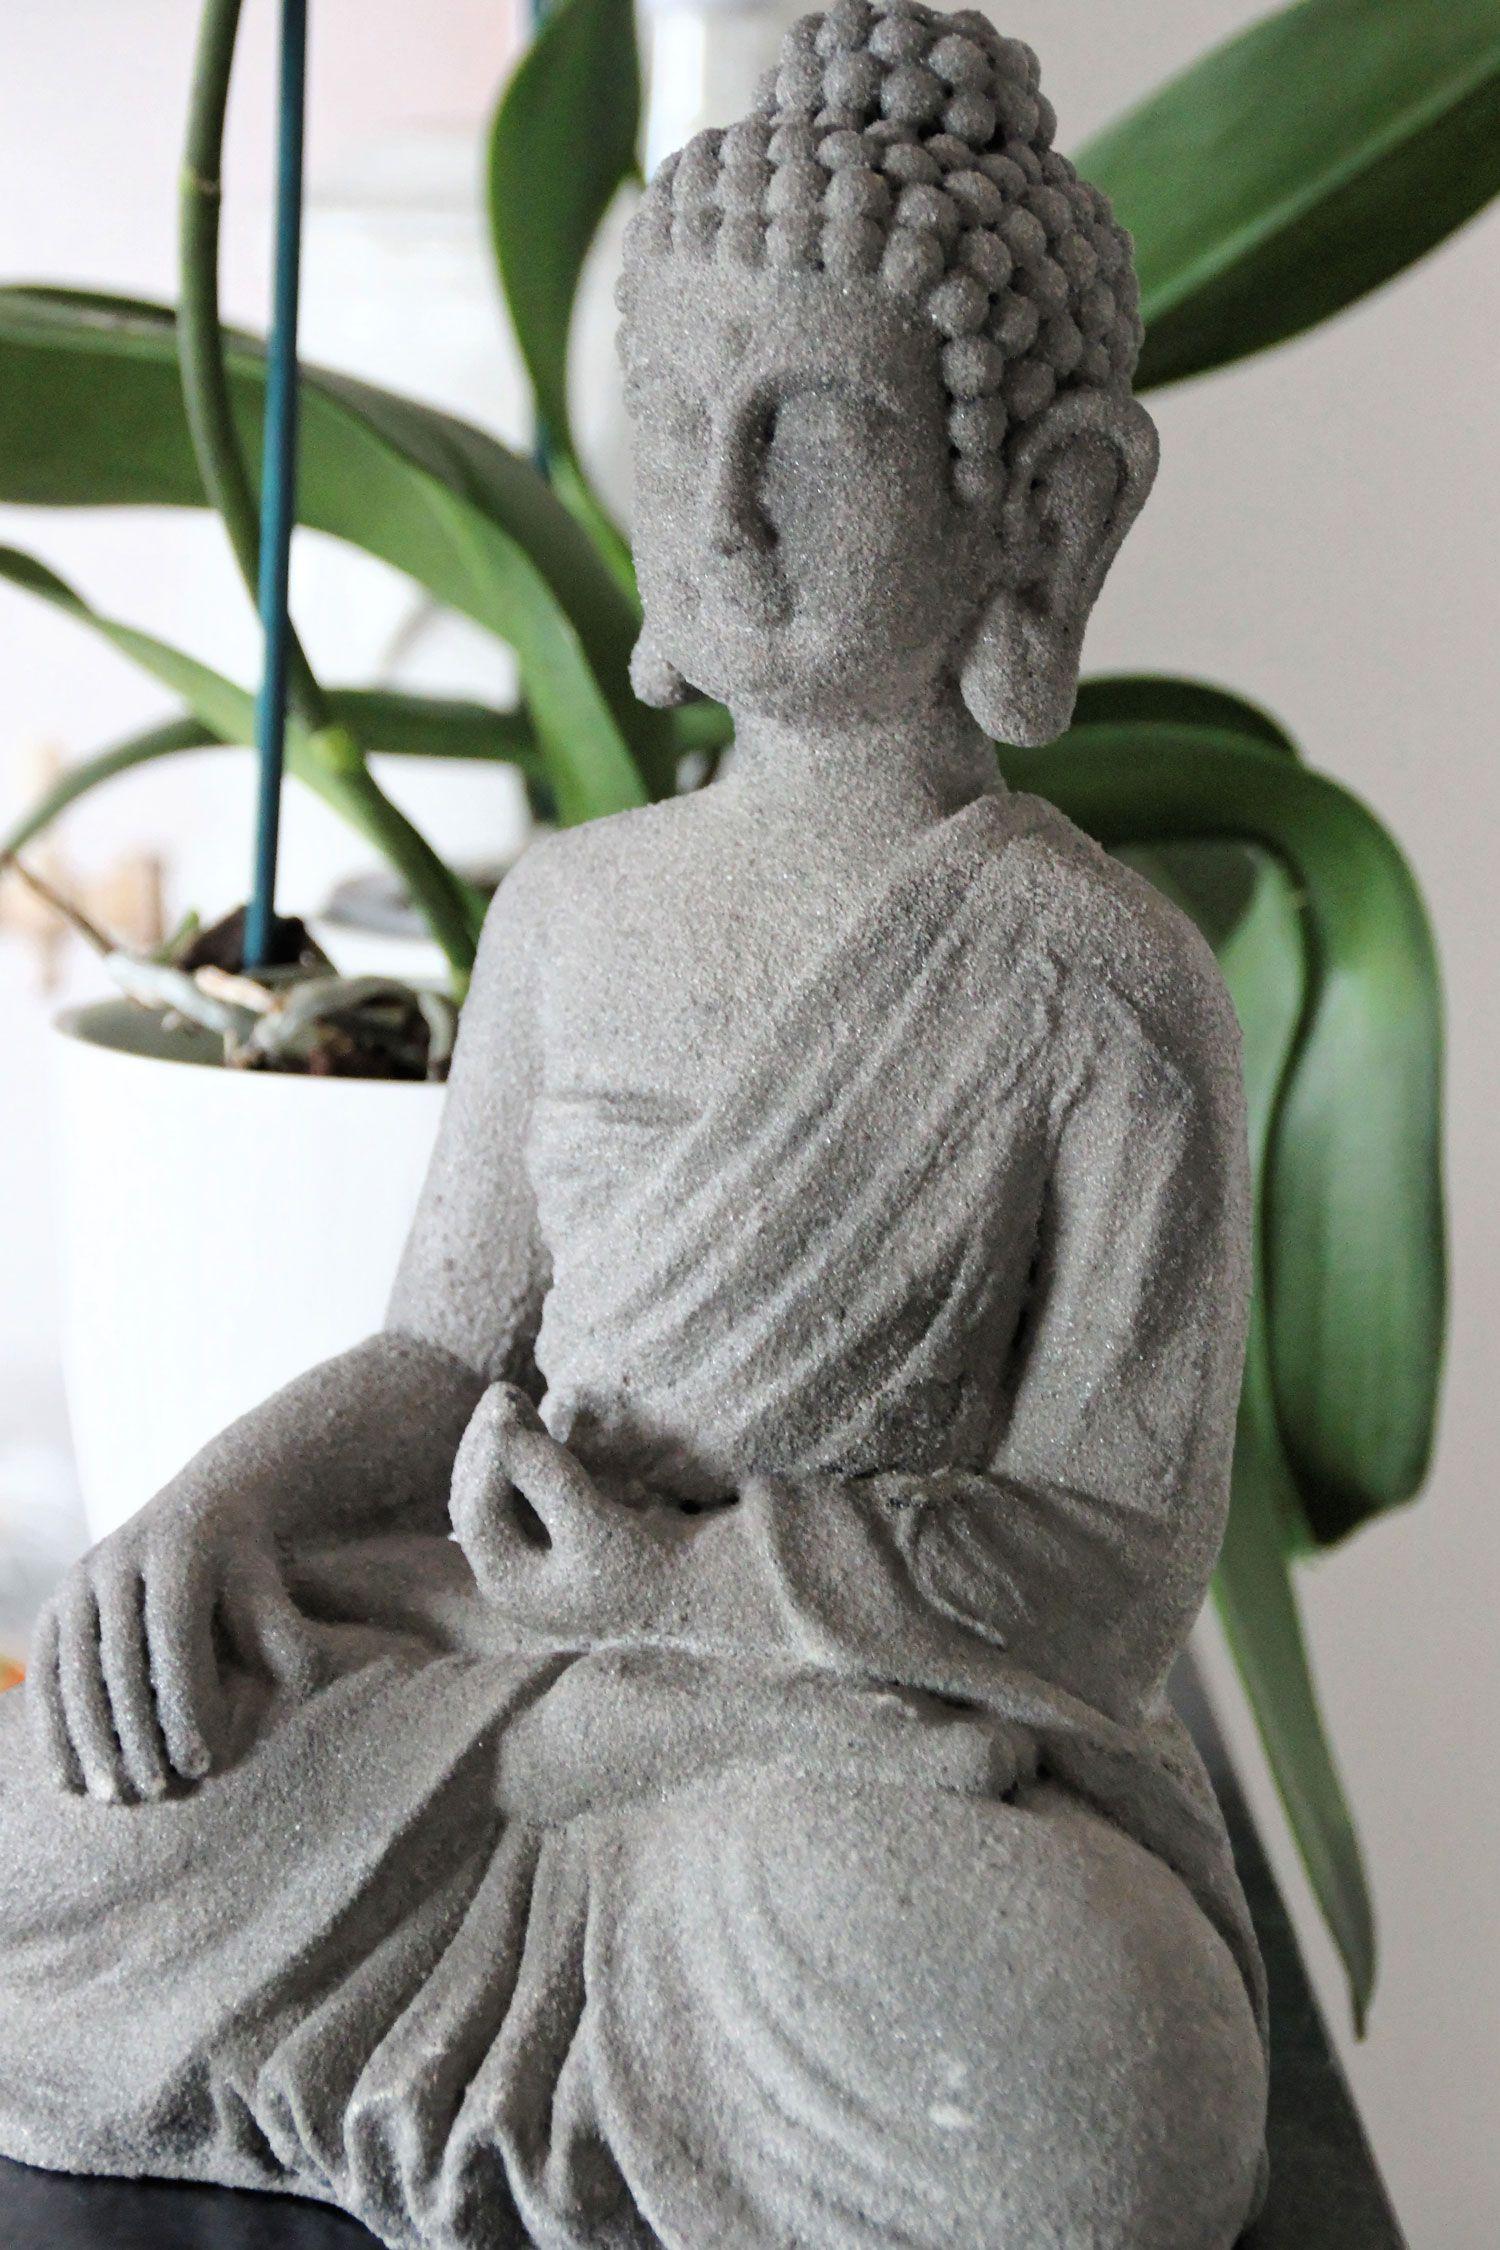 Une Jolie Collection De Statuettes Bouddhas Pour Une Decoration Zen Et Asiatique Reussie Decoration Asiatique Statuette Bouddha Decoration Africaine